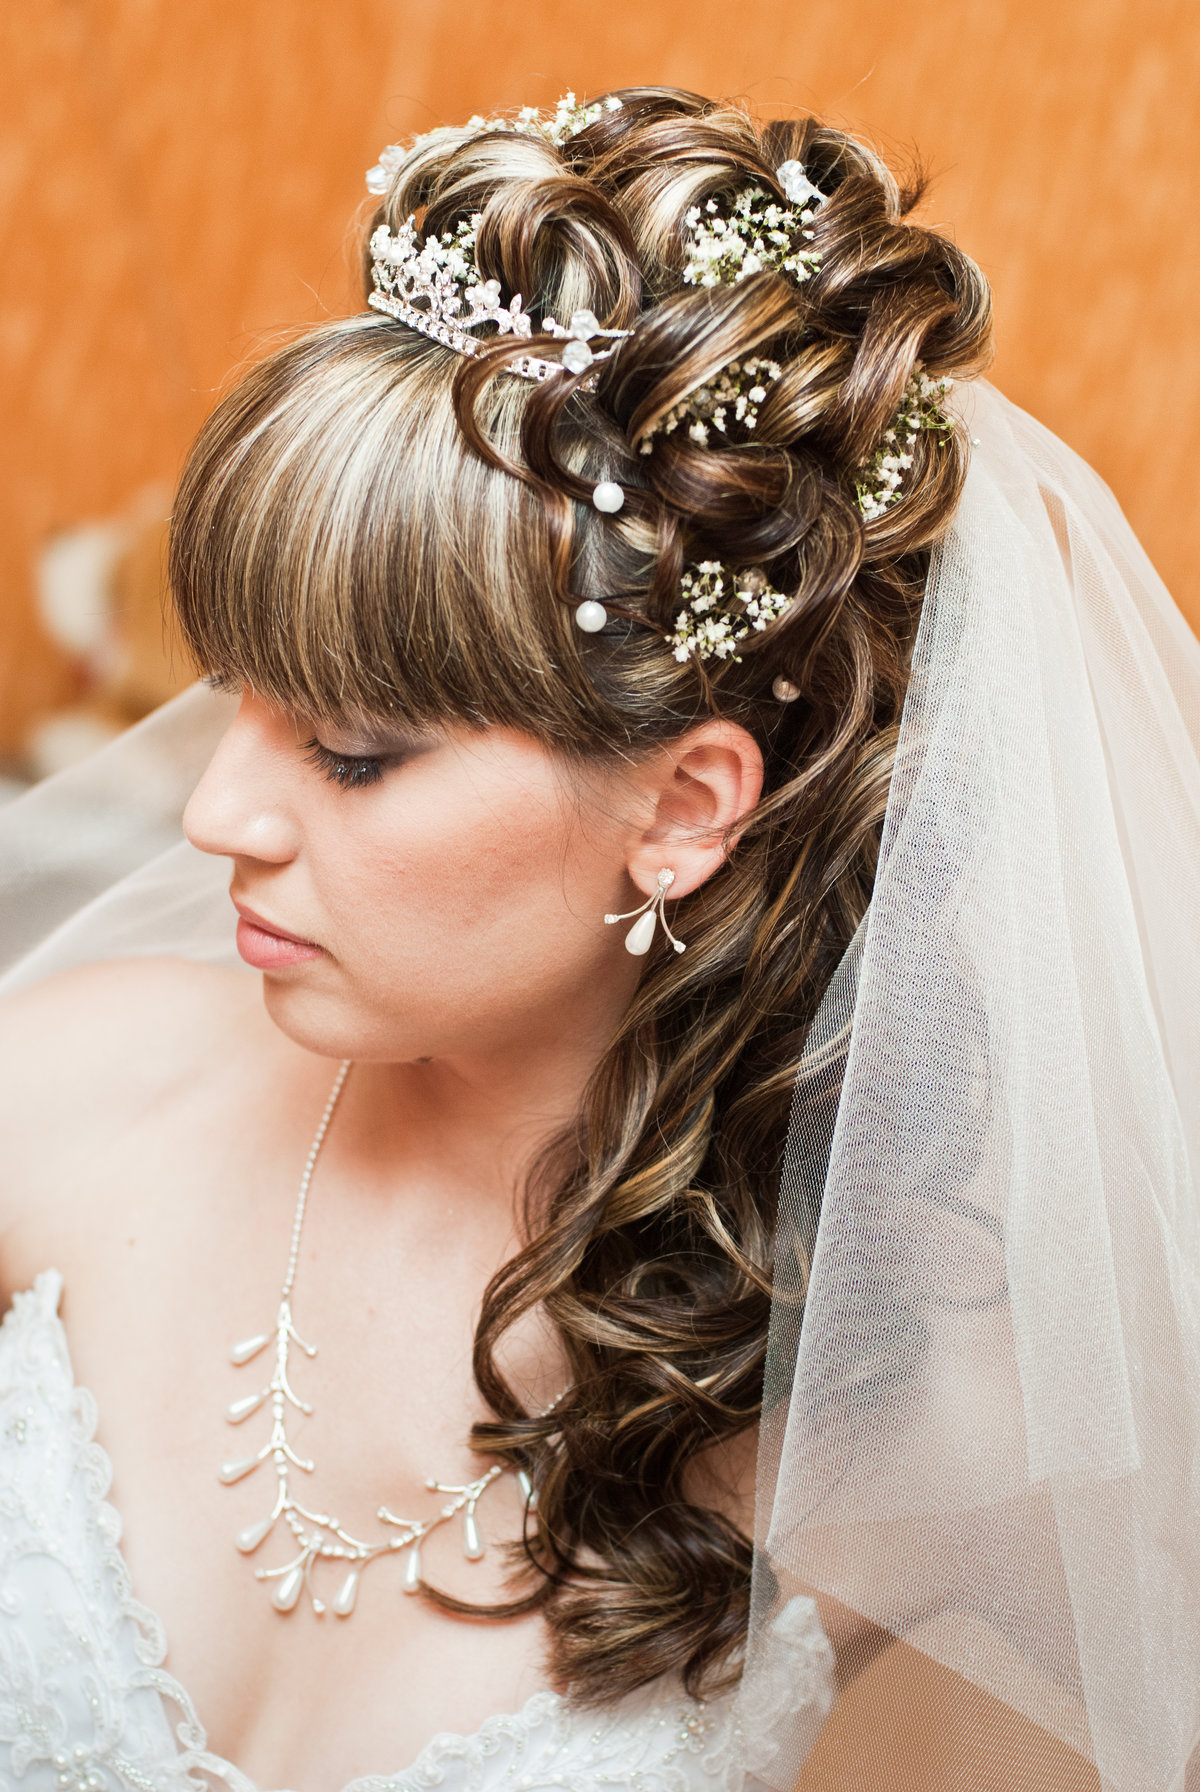 Картинки с прическами для длинных волос на свадьбу